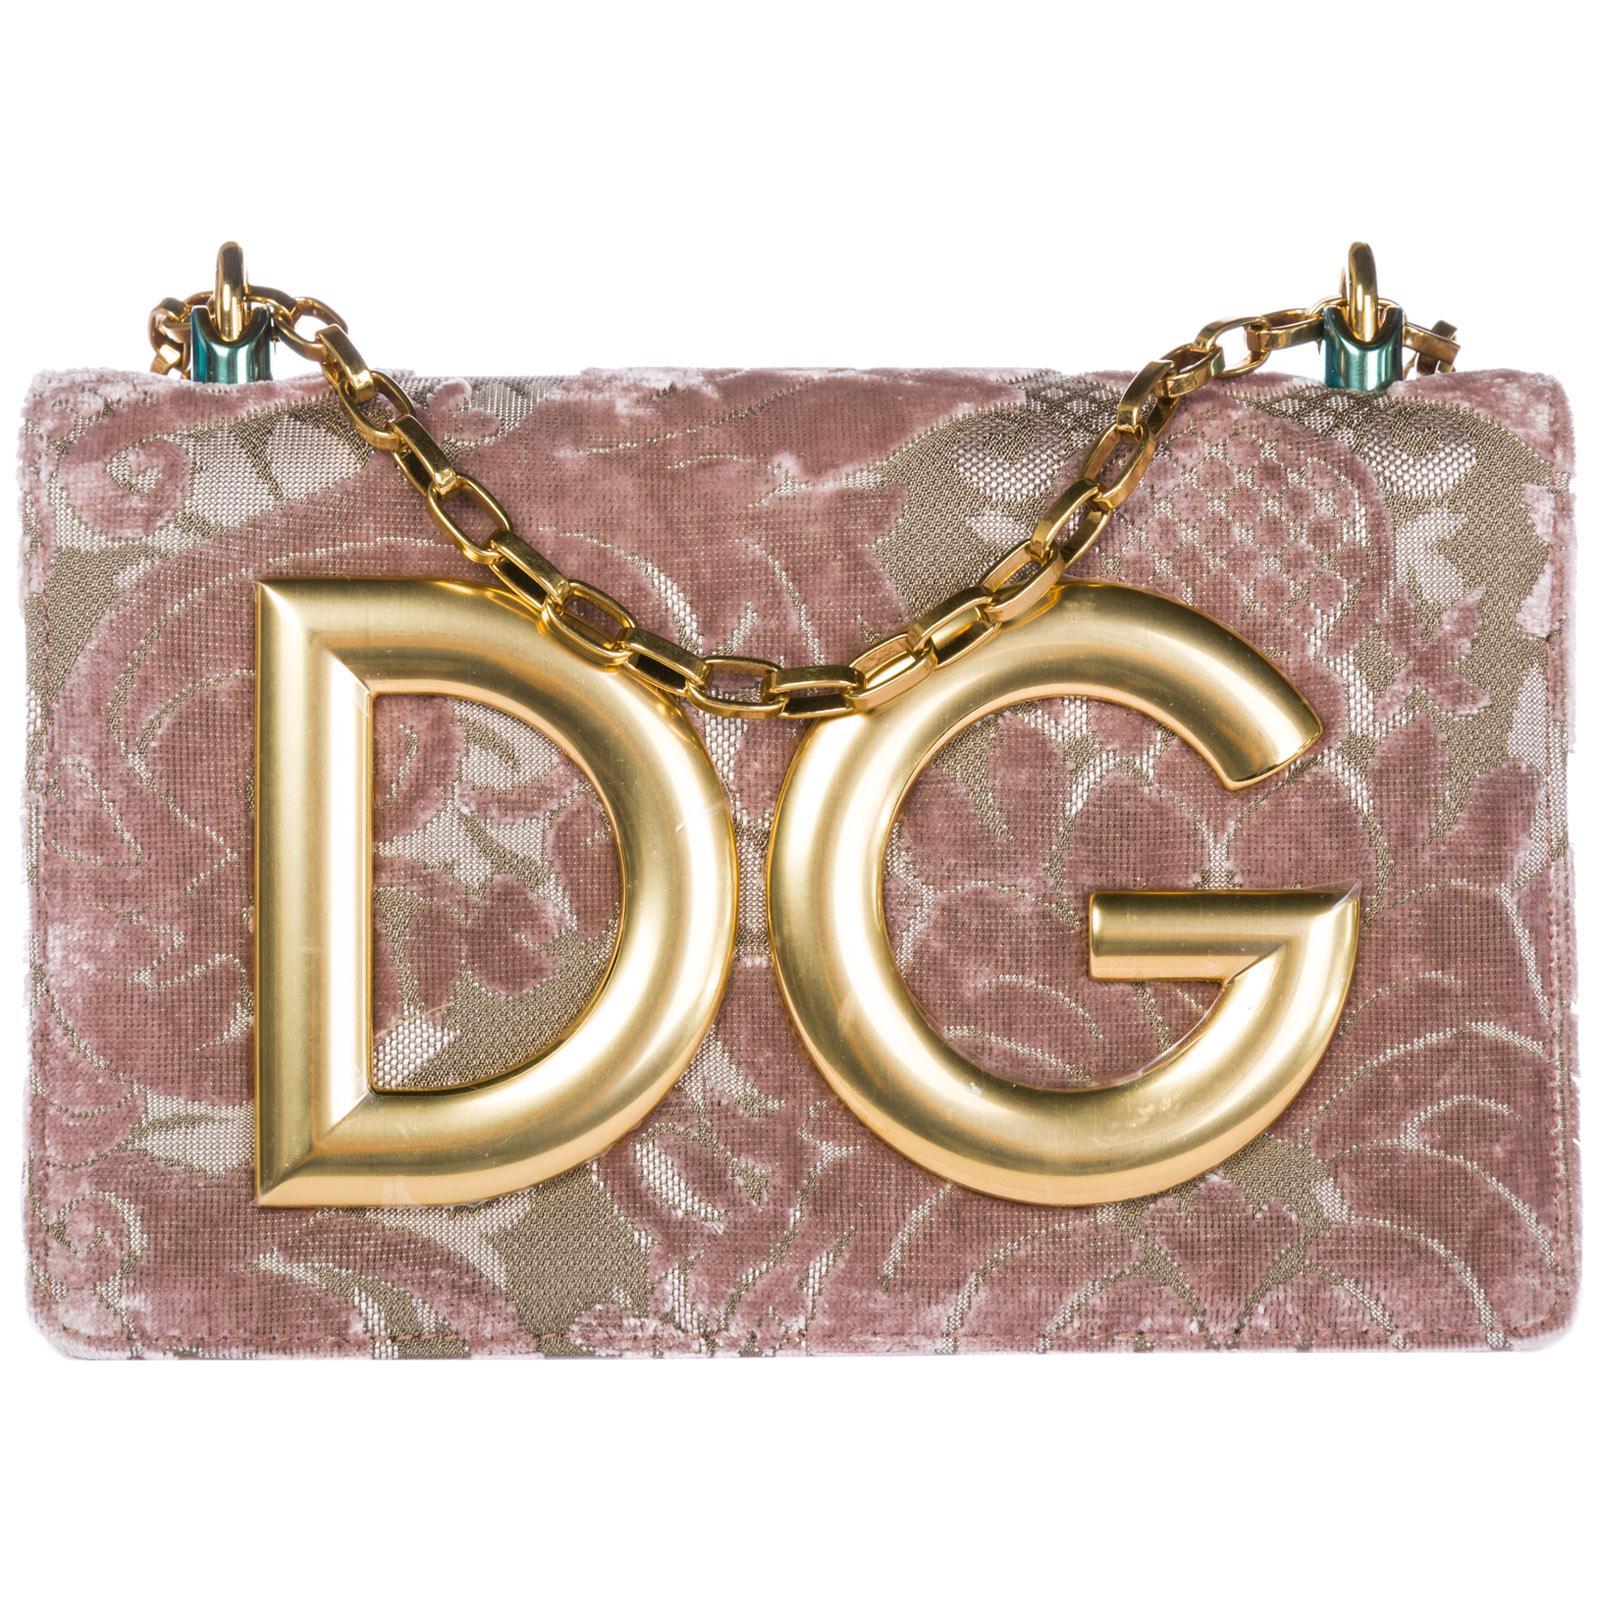 98ca3a8994cf Dolce   Gabbana. Women s Pink Leather Cross-body Messenger Shoulder Bag Dg  Girls